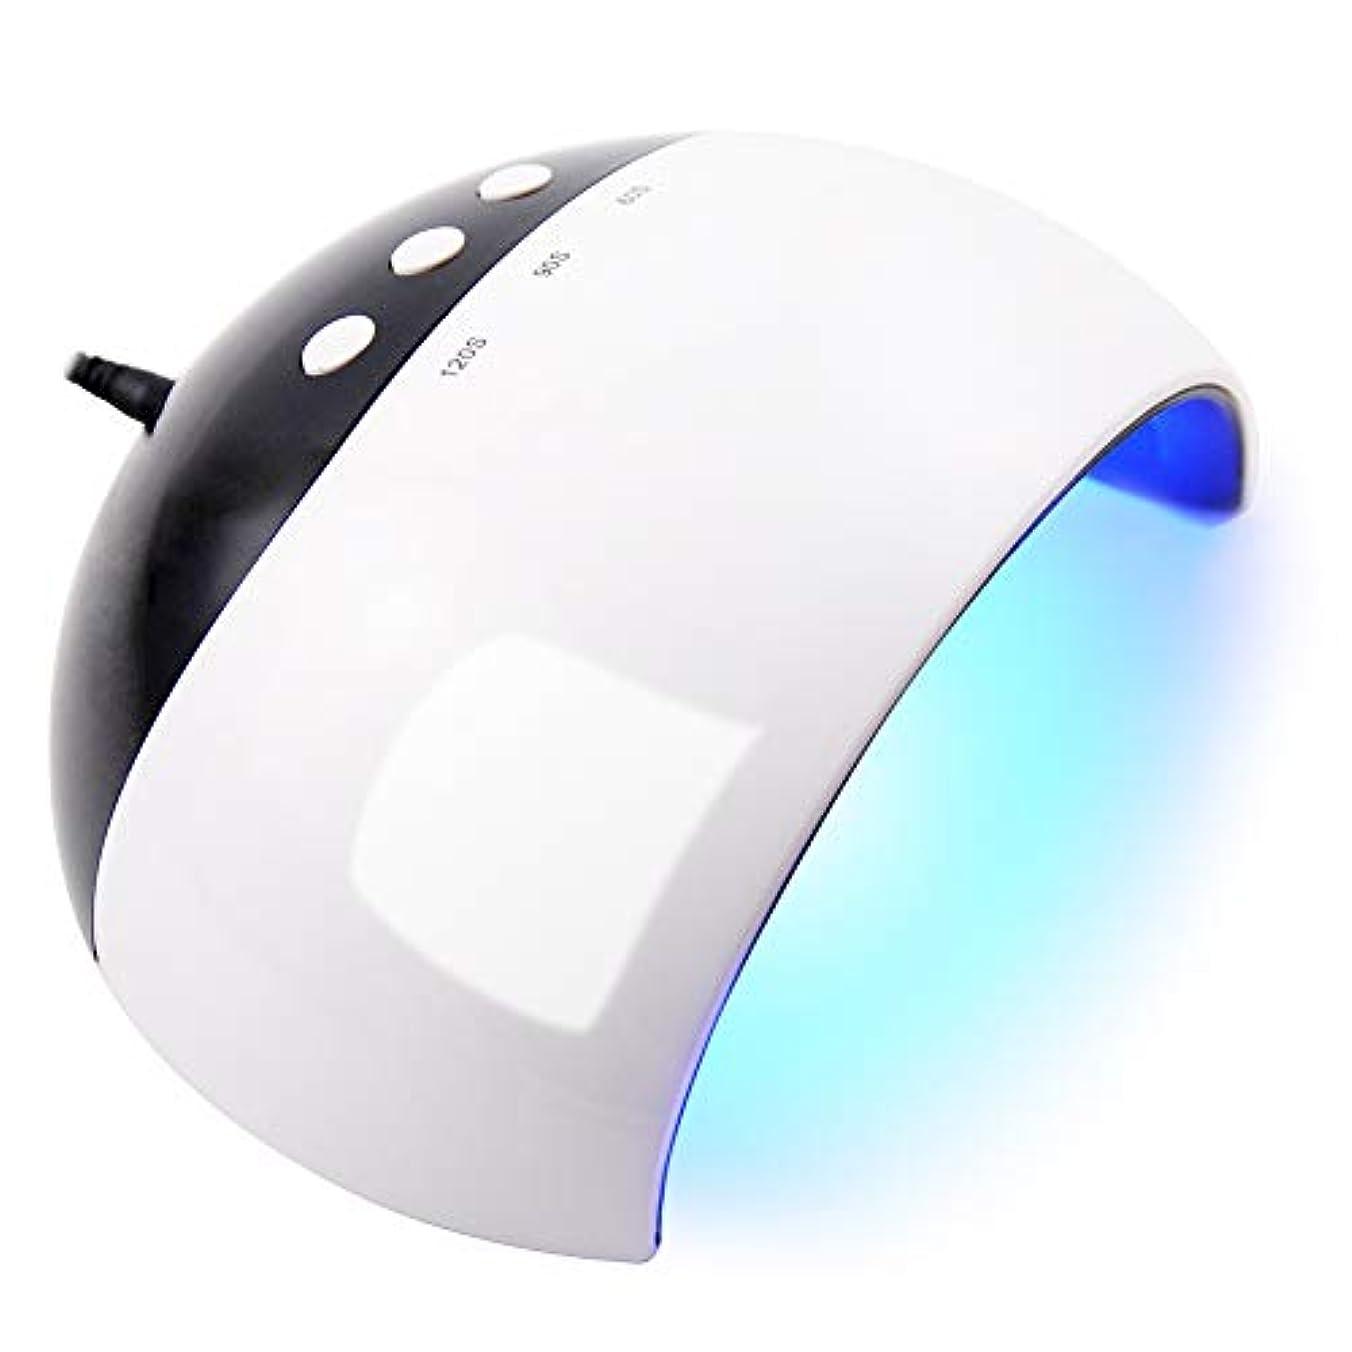 隠すミニリラックスしたTwinkle Store uvライト ネイルドライヤー 24Wネイルライト 硬化用ライト ネイルアートパーツ 分かりやすい説明書付き (A0XX4-148)